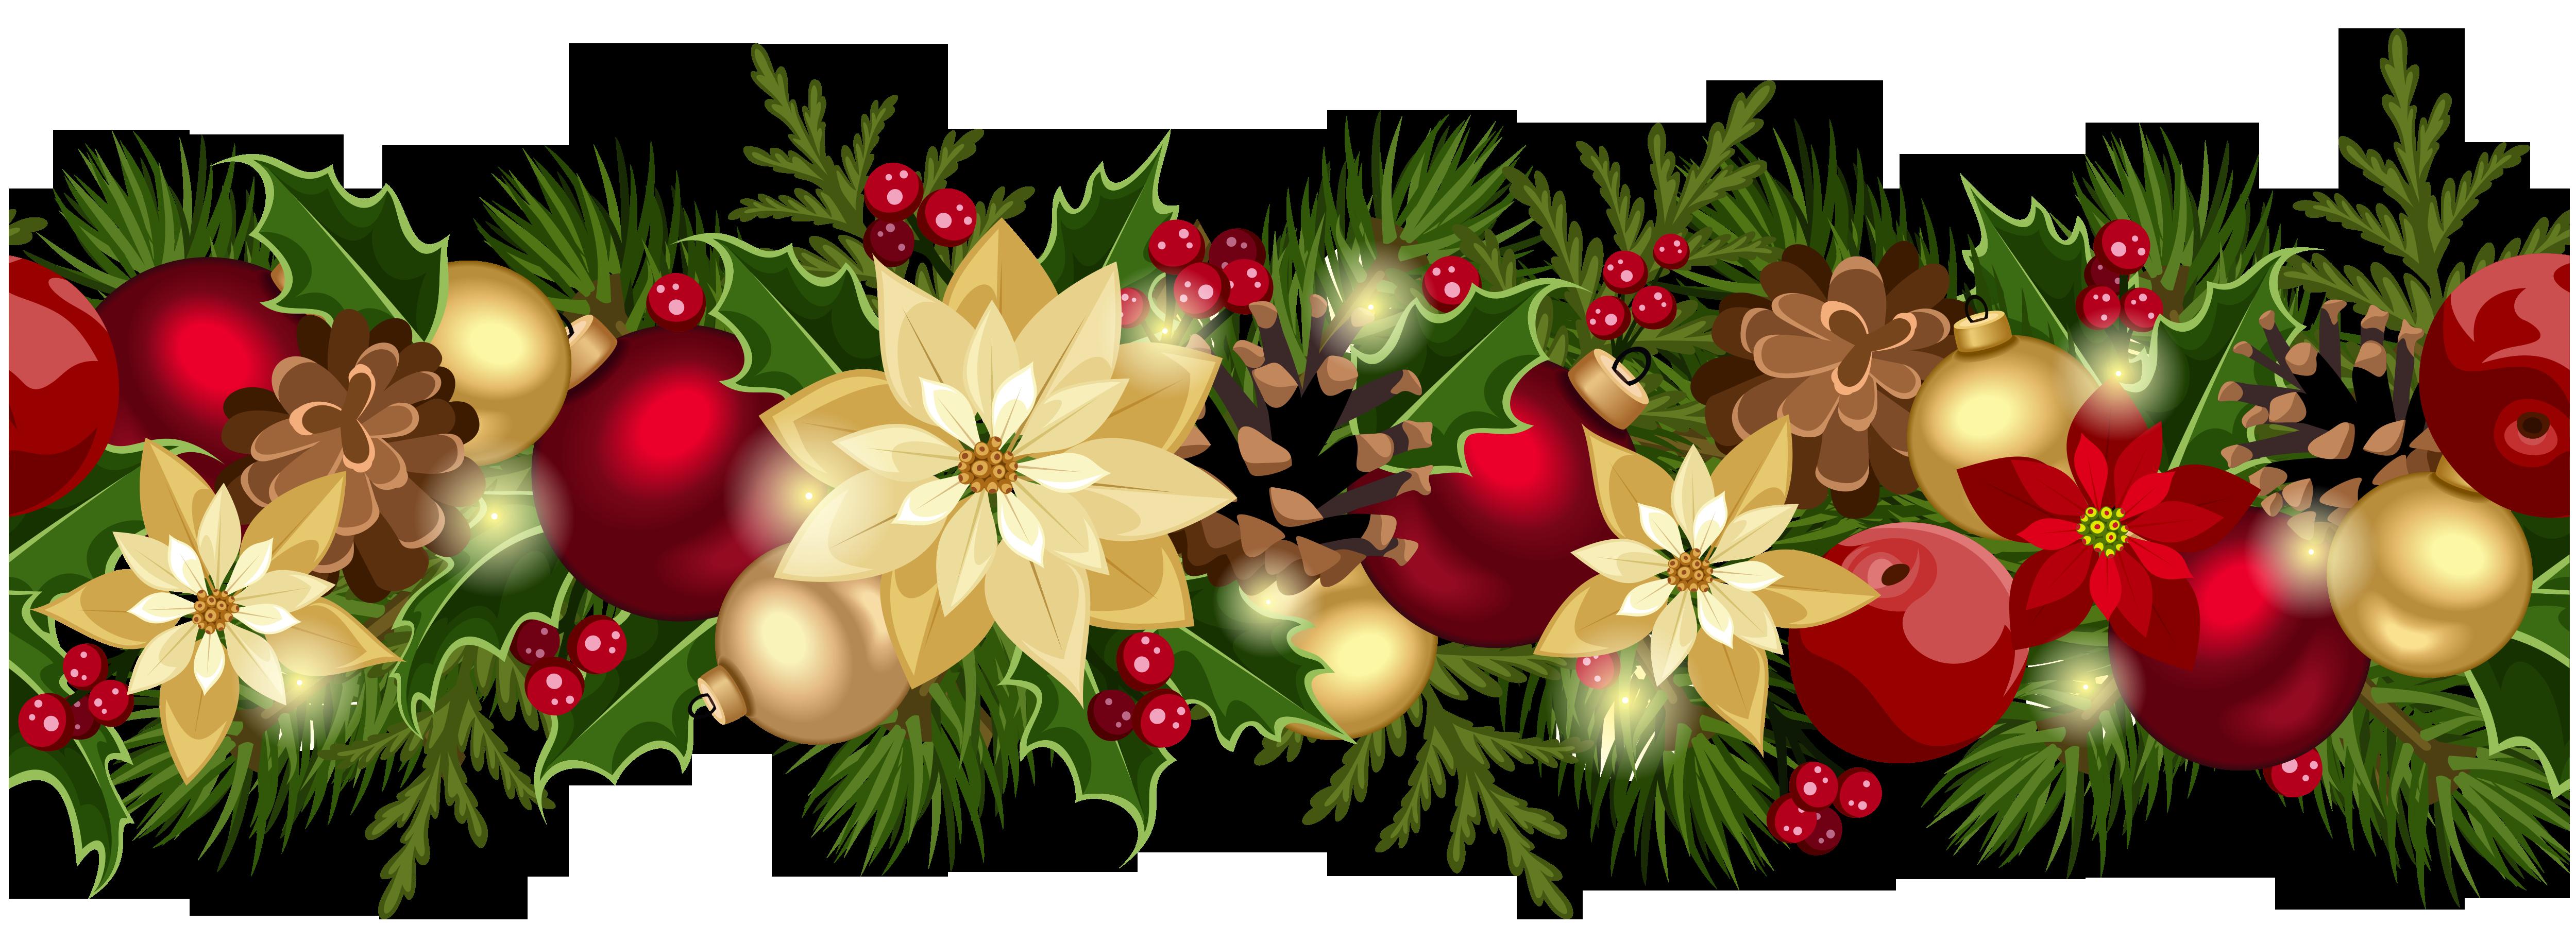 Clic en la imagen para mejor visualización!!! | Apliques de navidad, Imágenes de navidad vintage, Cenefas navideñas